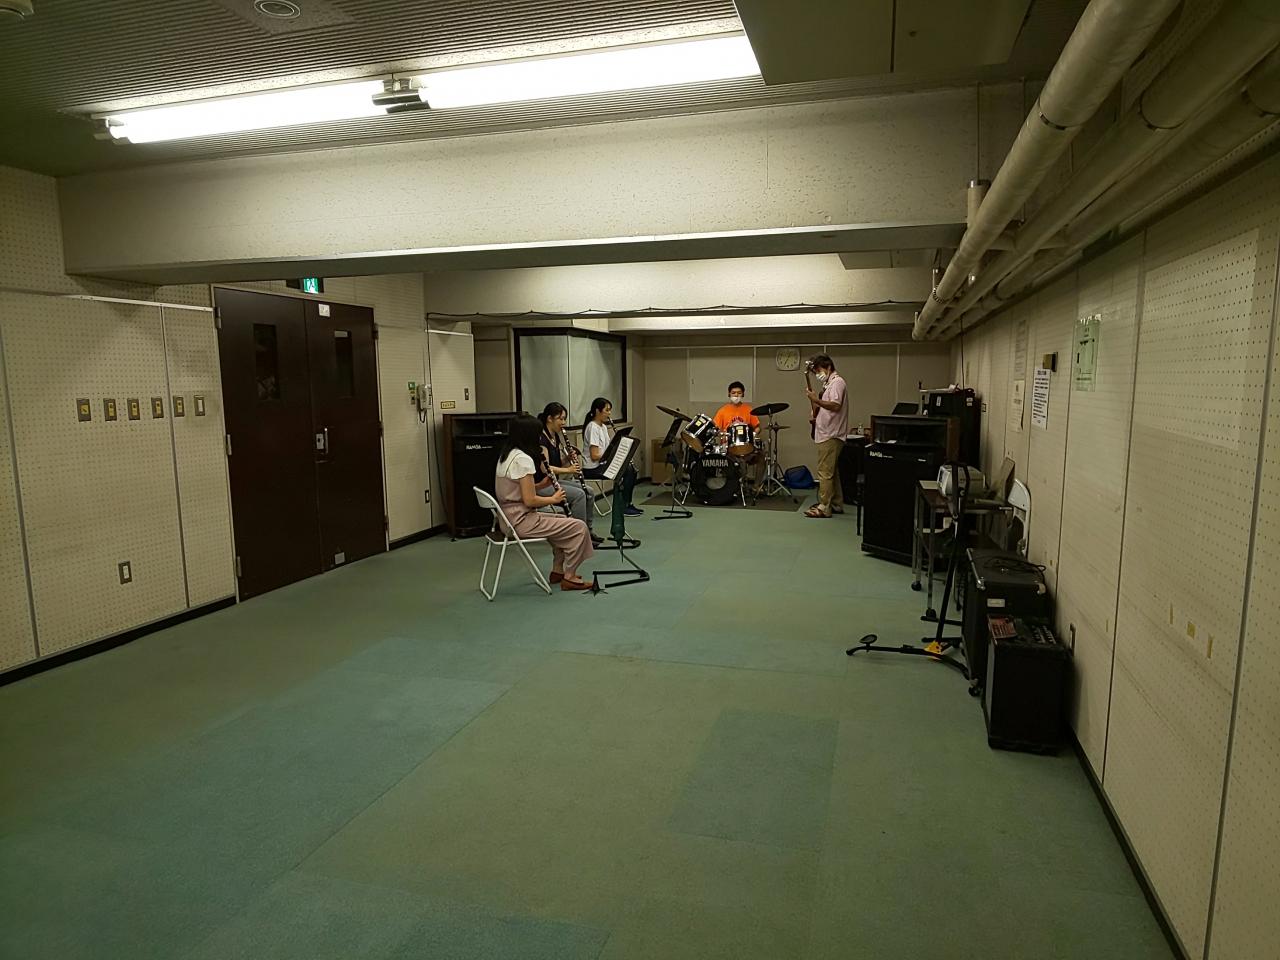 楽しく演奏するバンドアンサンブルメンバー